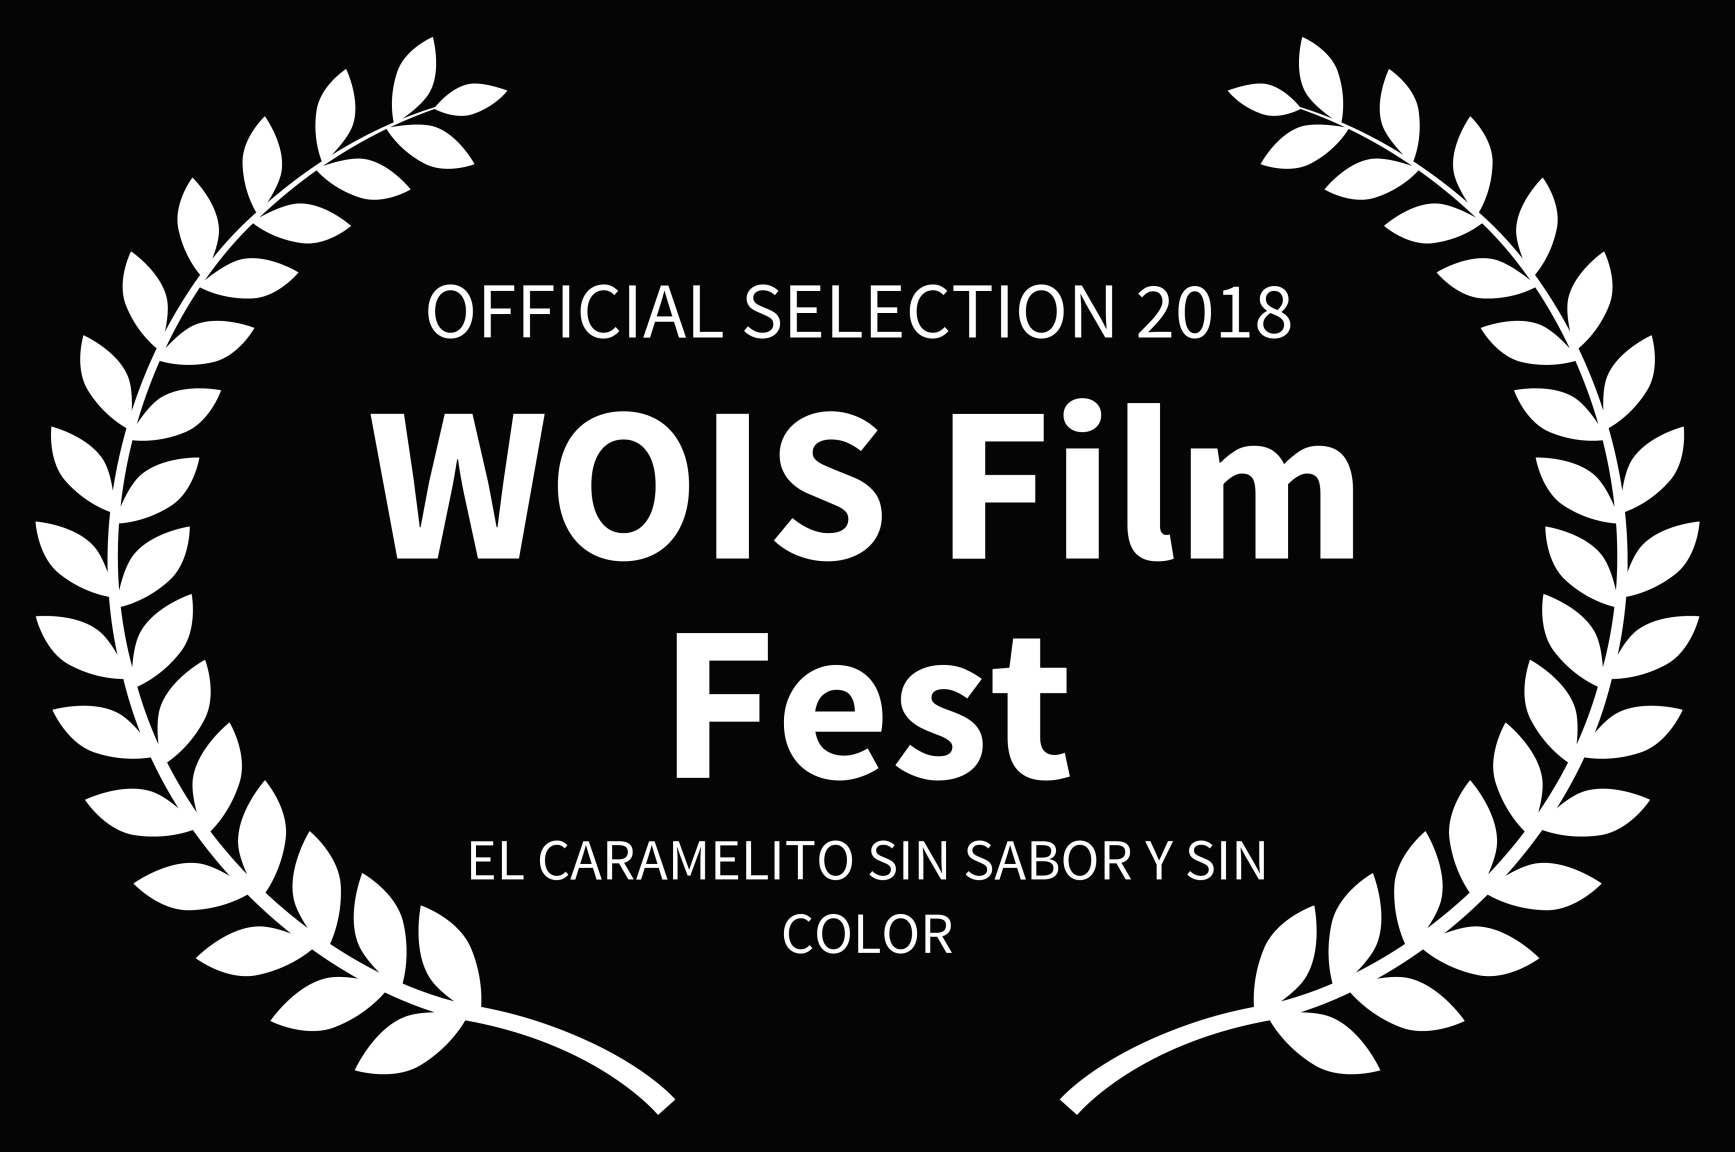 WOIS Film Fest - EL CARAMELITO SIN SABOR Y SIN COLOR